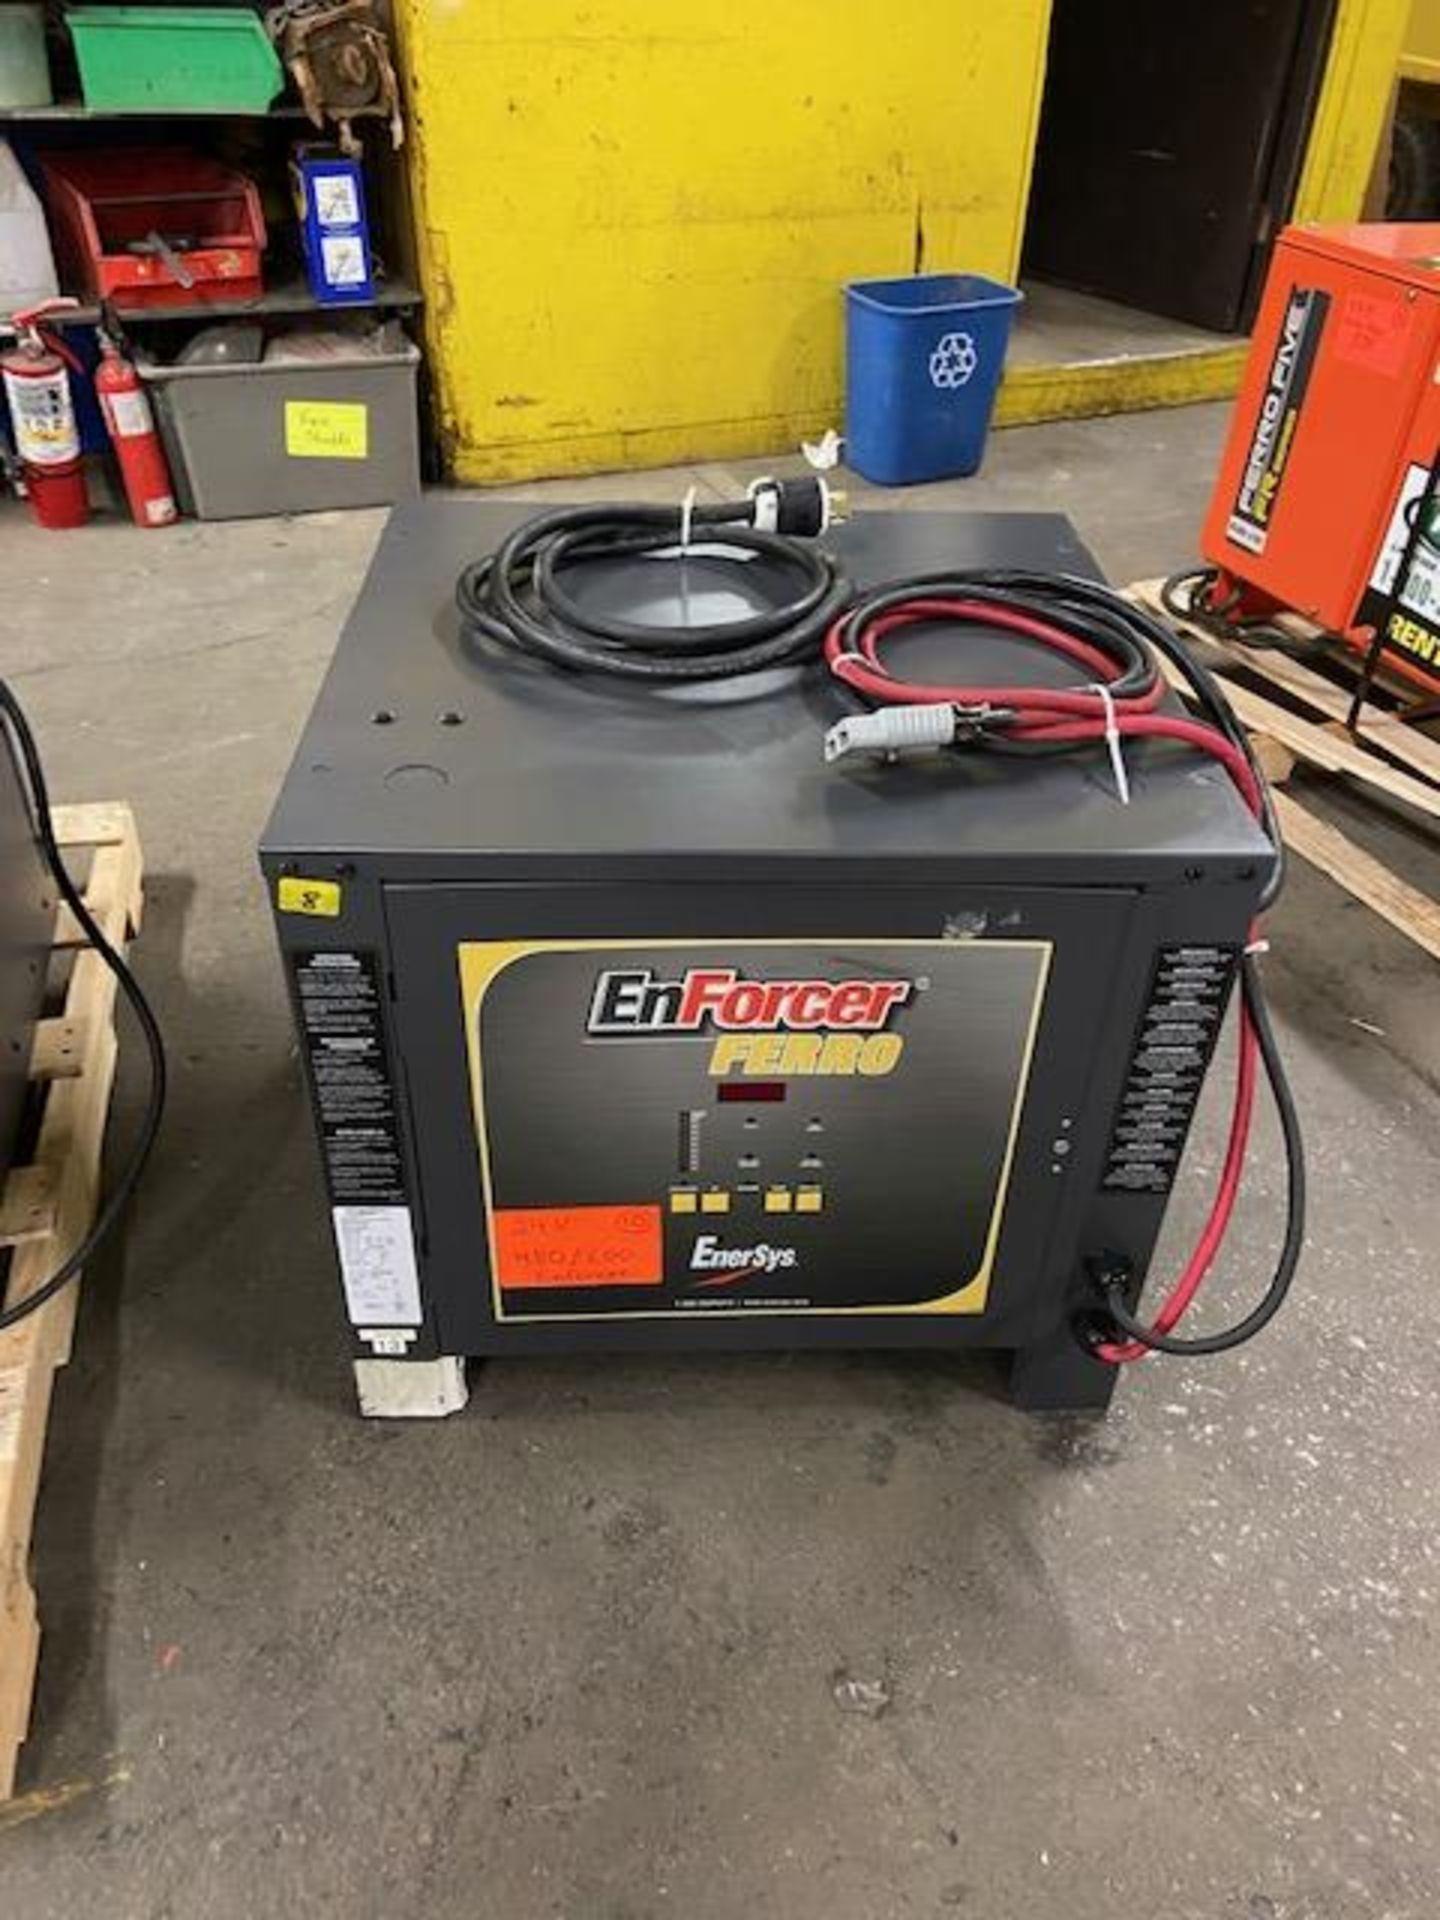 Enforcer 24V forklift battery charger